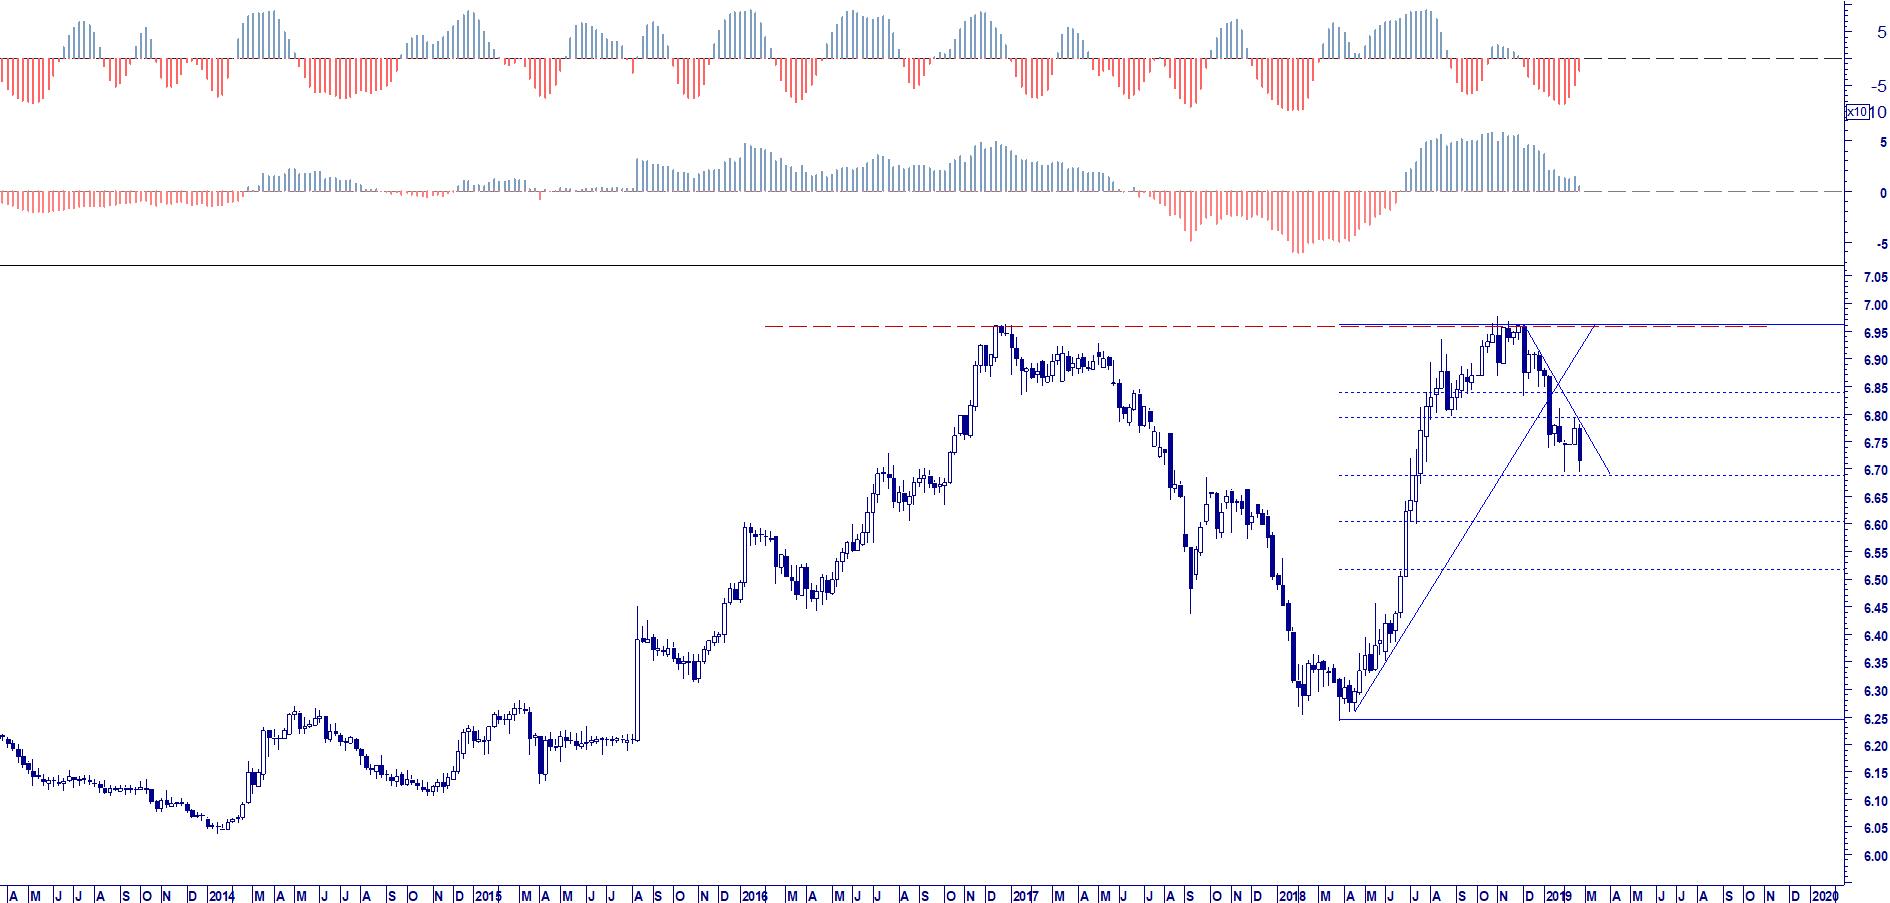 WB ENTERPRISE RISK MANAGEMENT: USD CNY